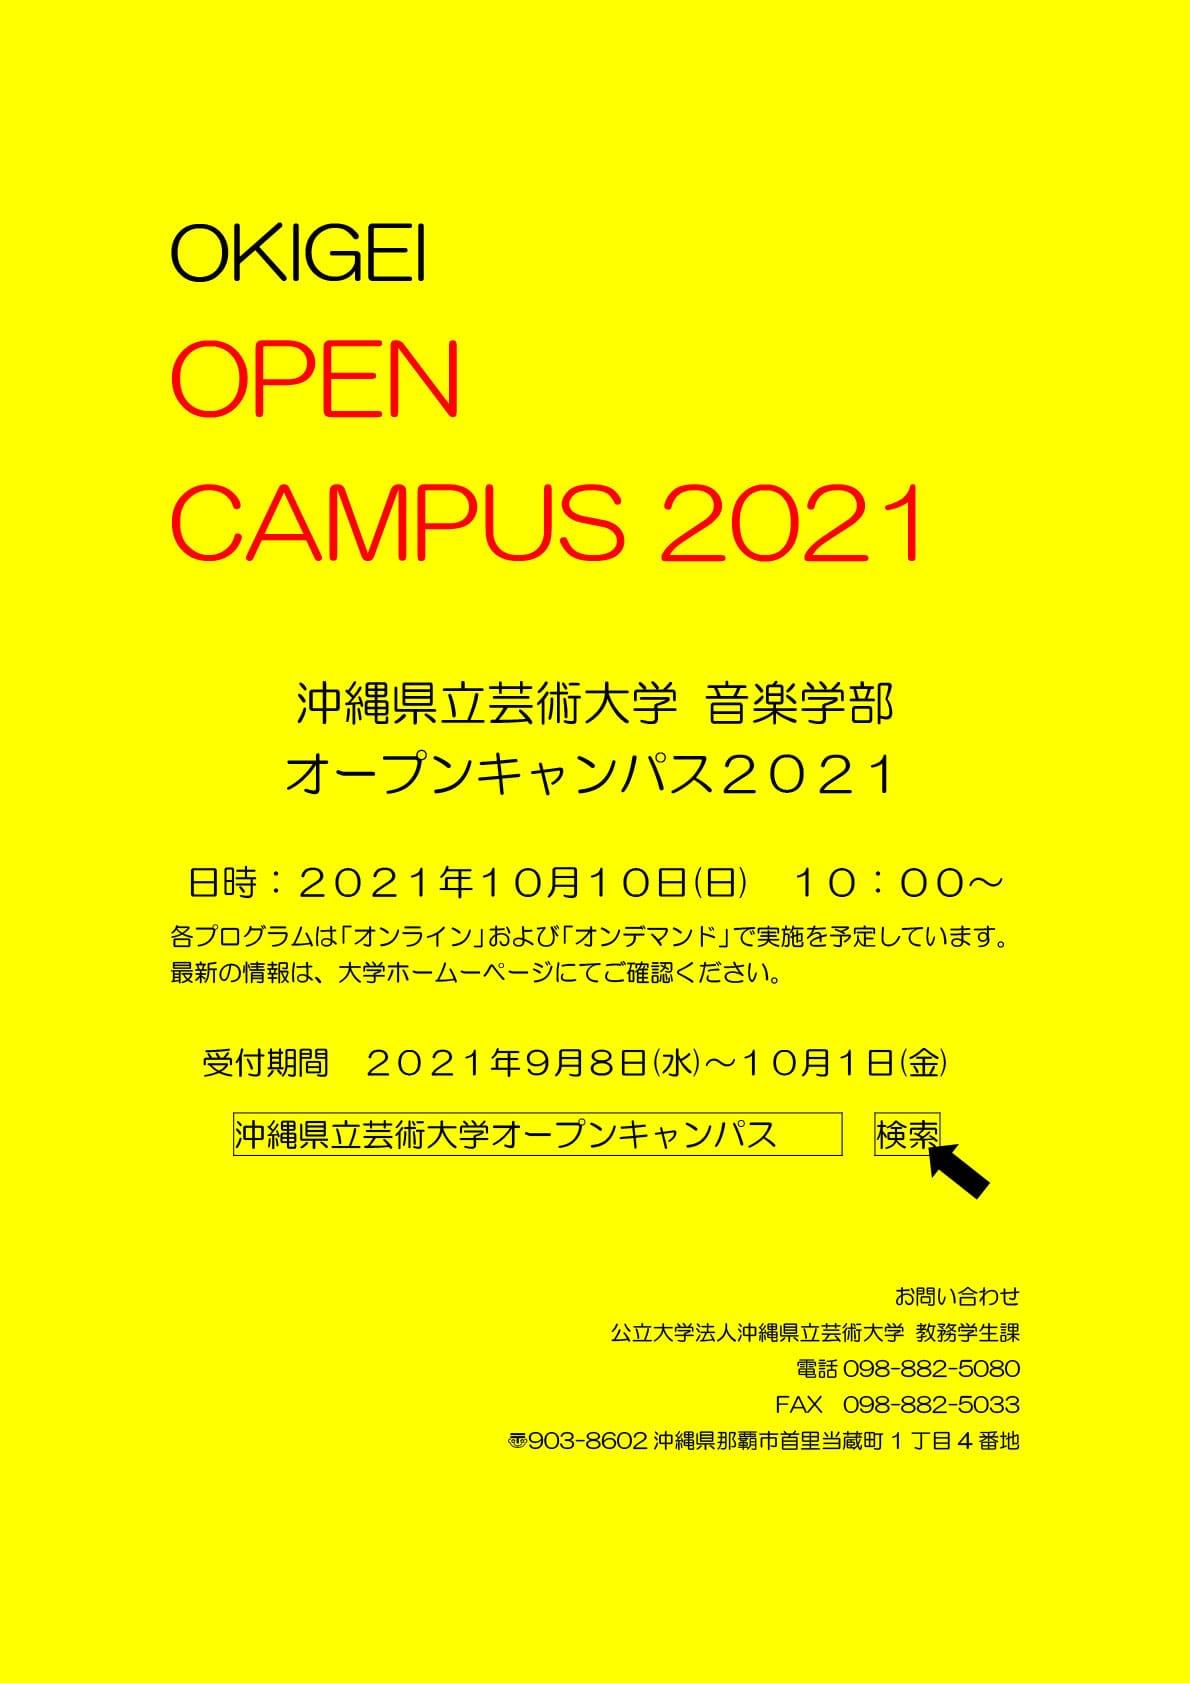 [フライヤー]沖縄県立芸術大学 音楽学部オープンキャンパス2021年10月